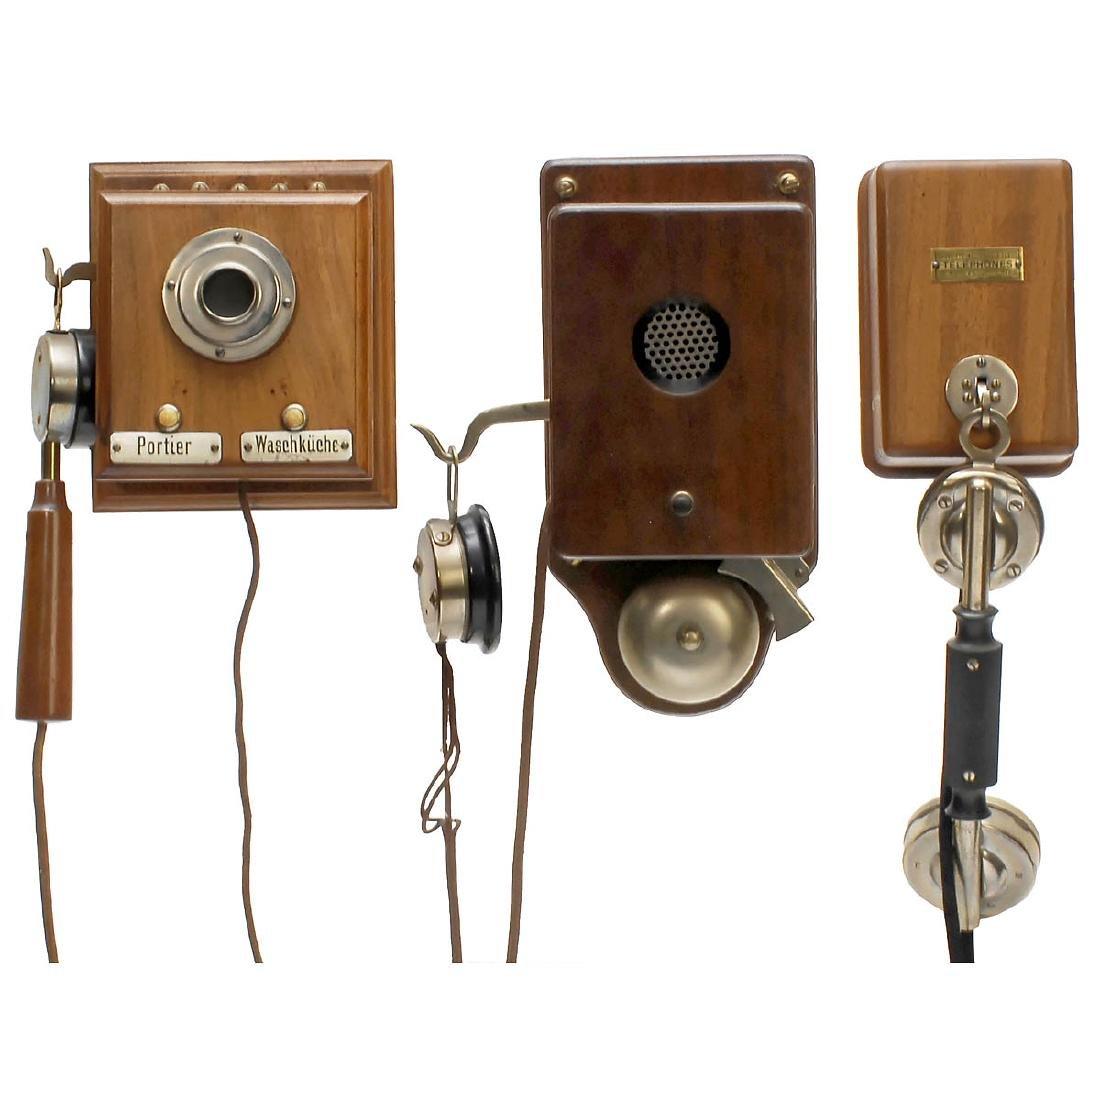 3 Intercom Telephones in Wood Cases, 1900/20